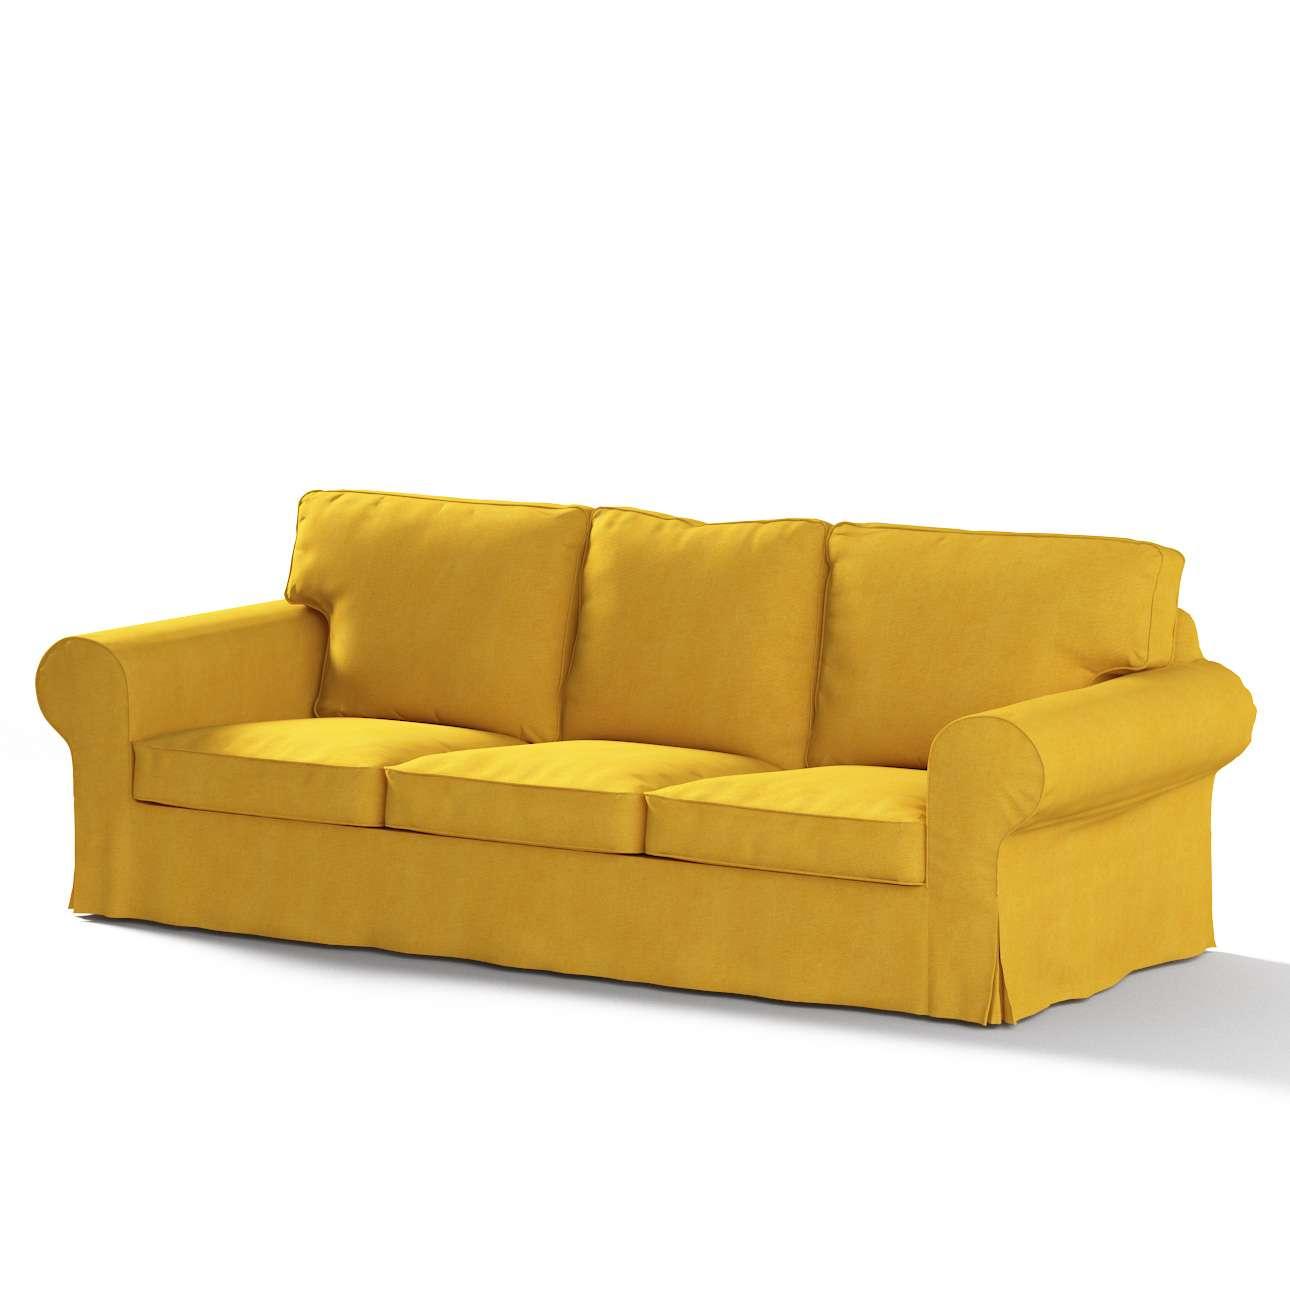 Pokrowiec na sofę Ektorp 3-osobową, rozkładaną STARY MODEL Sofa Ektorp 3-osobowa rozkładana w kolekcji Etna , tkanina: 705-04